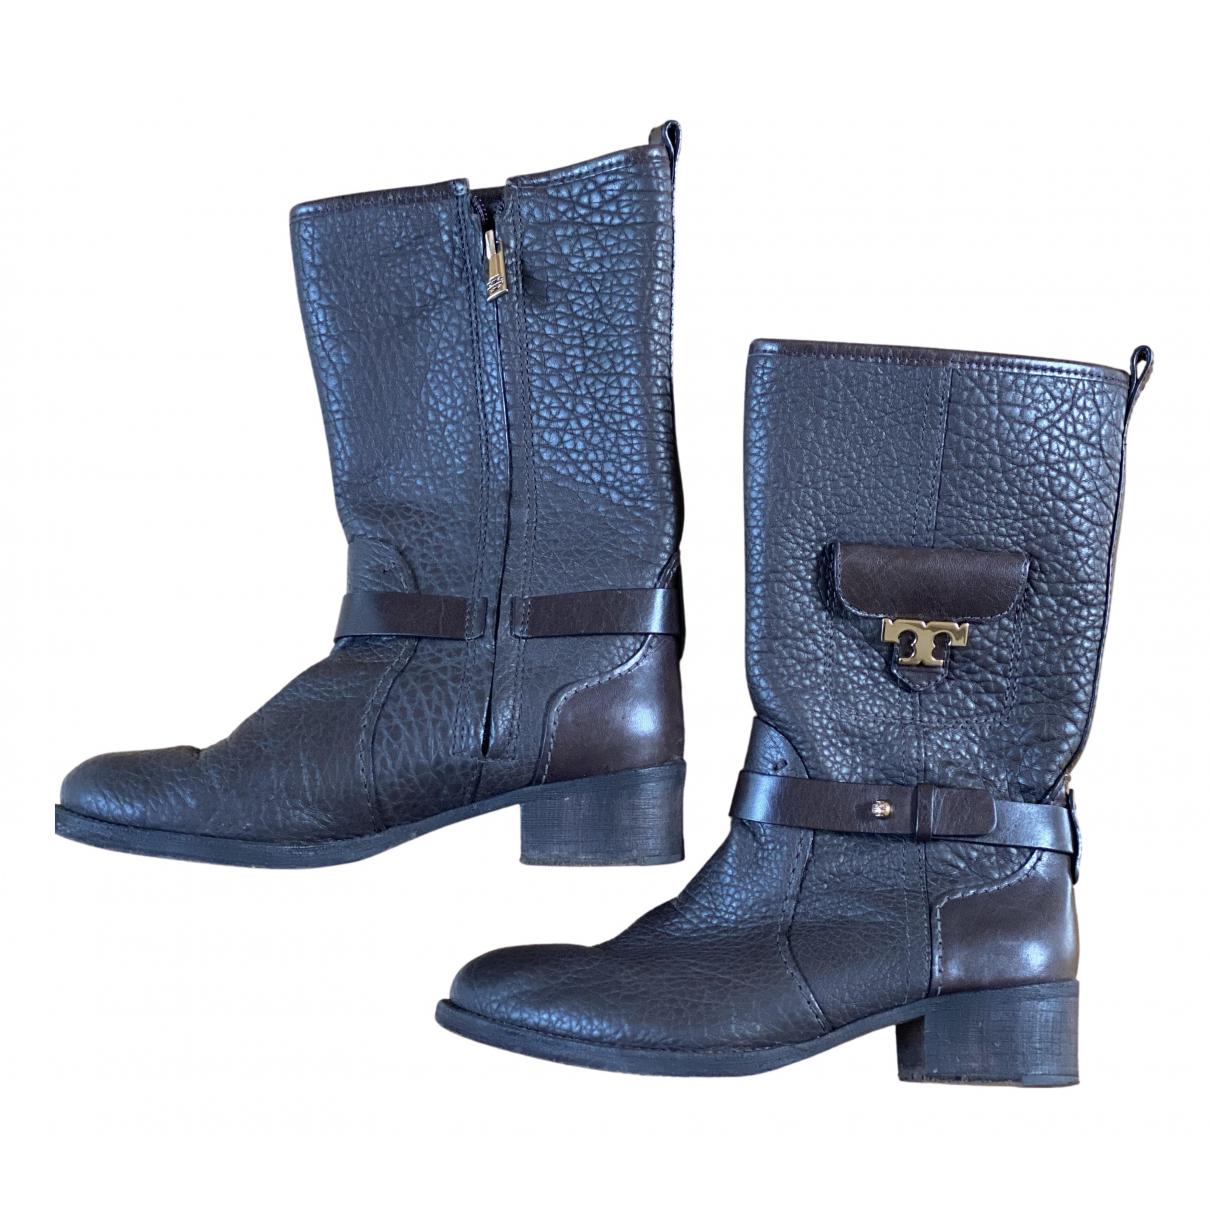 Tory Burch - Bottes   pour femme en cuir - marron